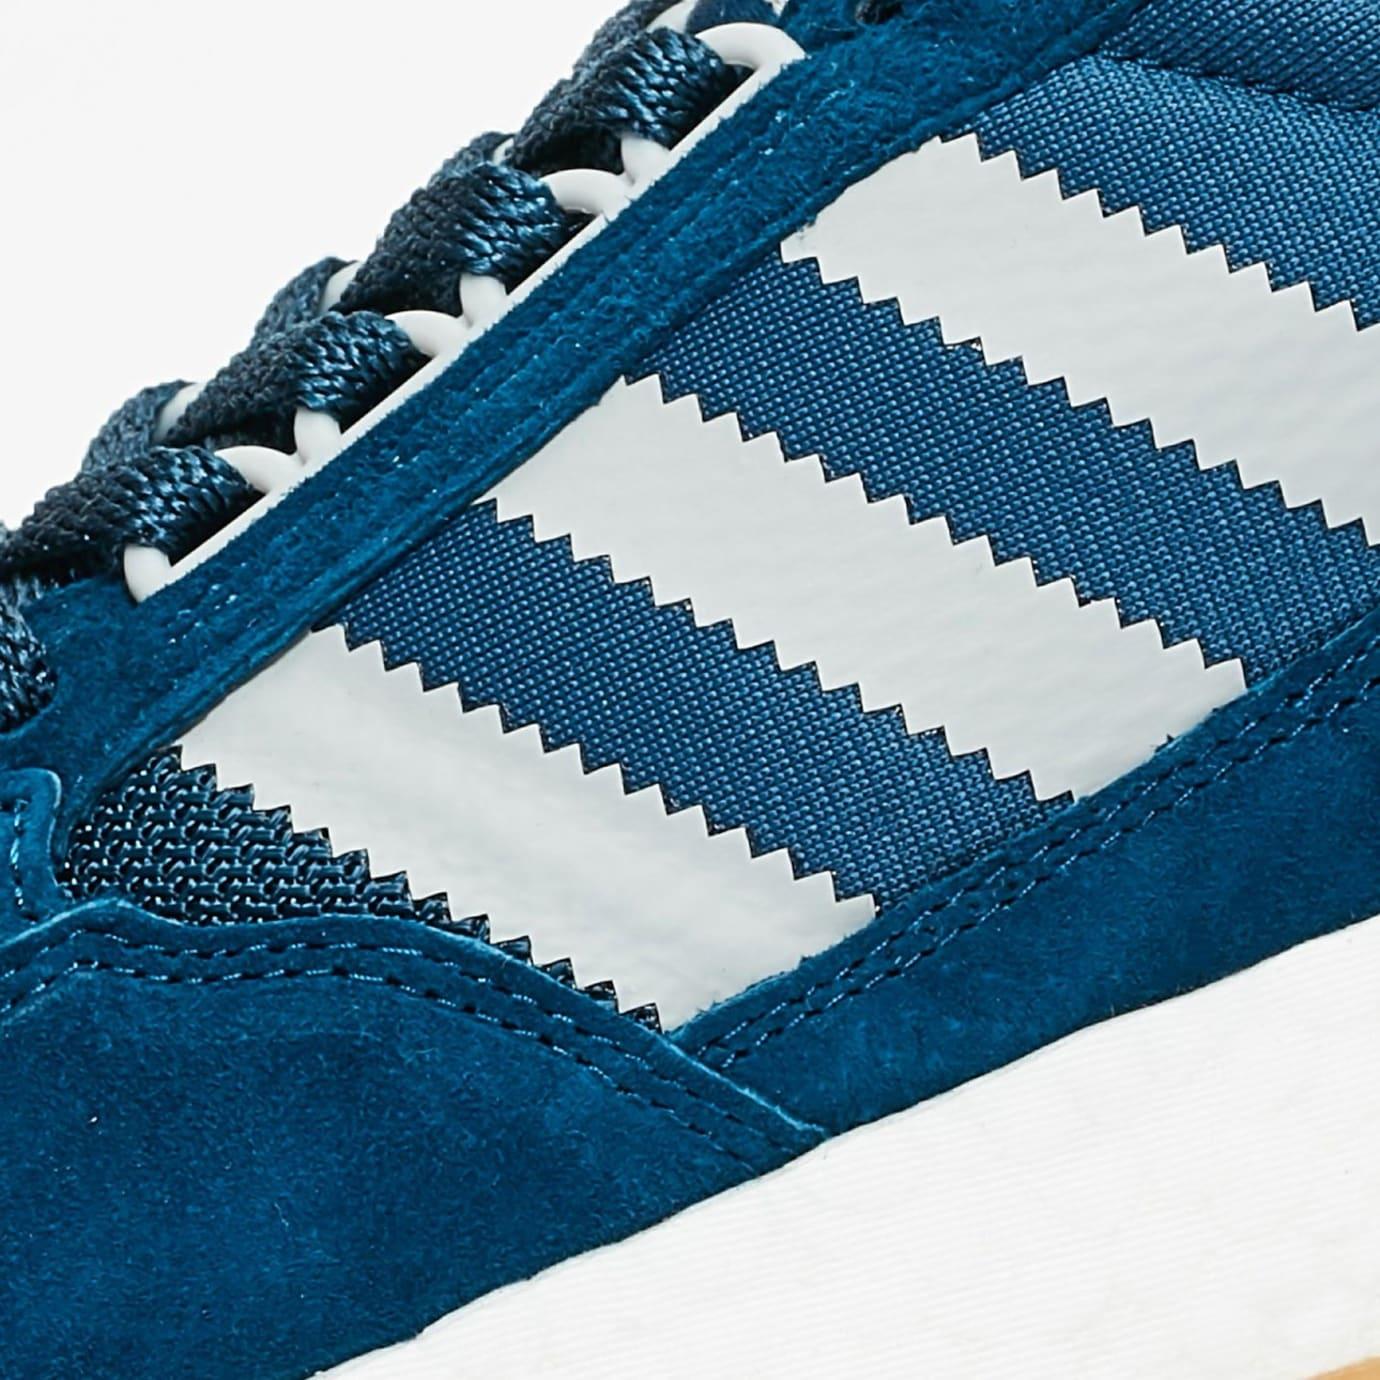 Sneakersnstuff x Adidas Originals ZX 500 RM F36882 Release Date